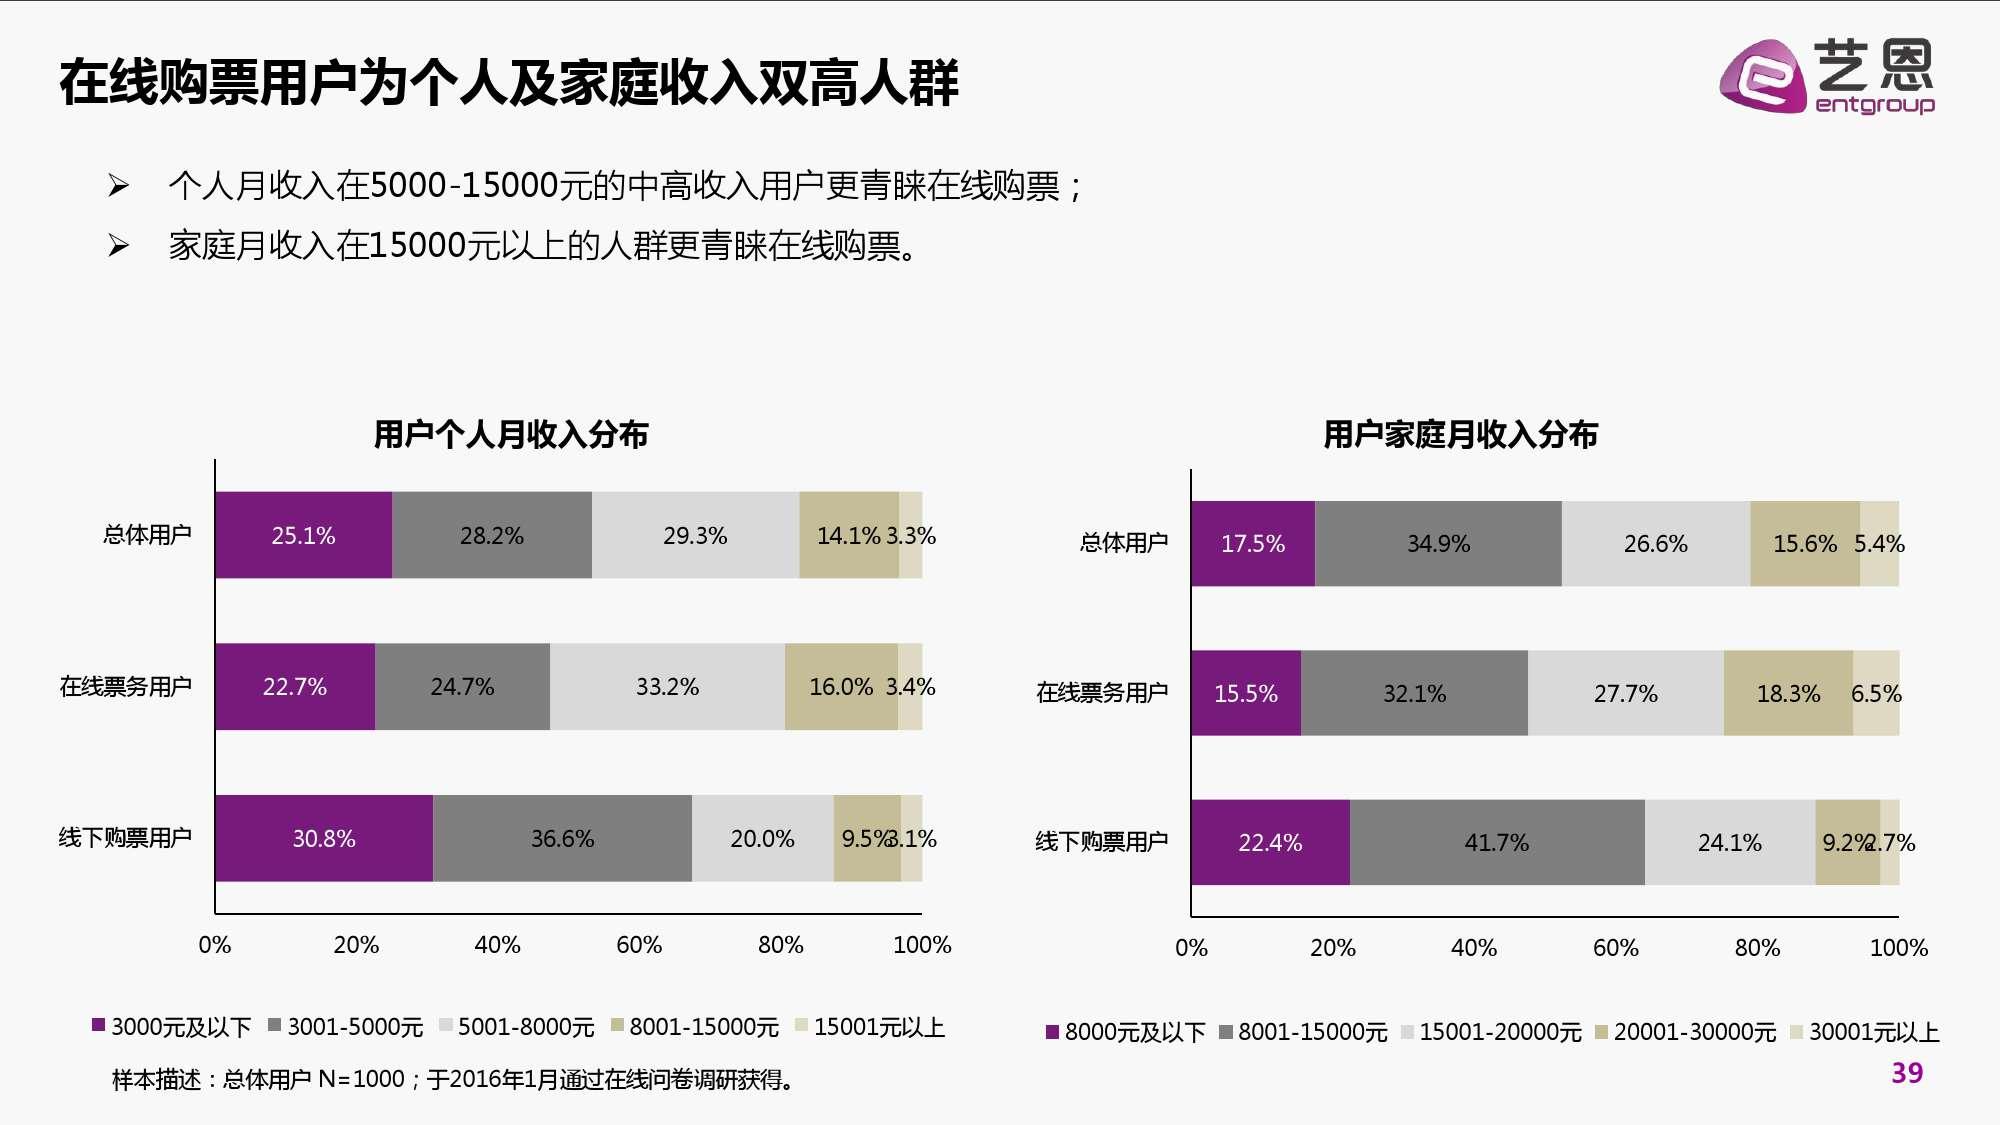 2016年中国电影在线票务市场研究报告_000039